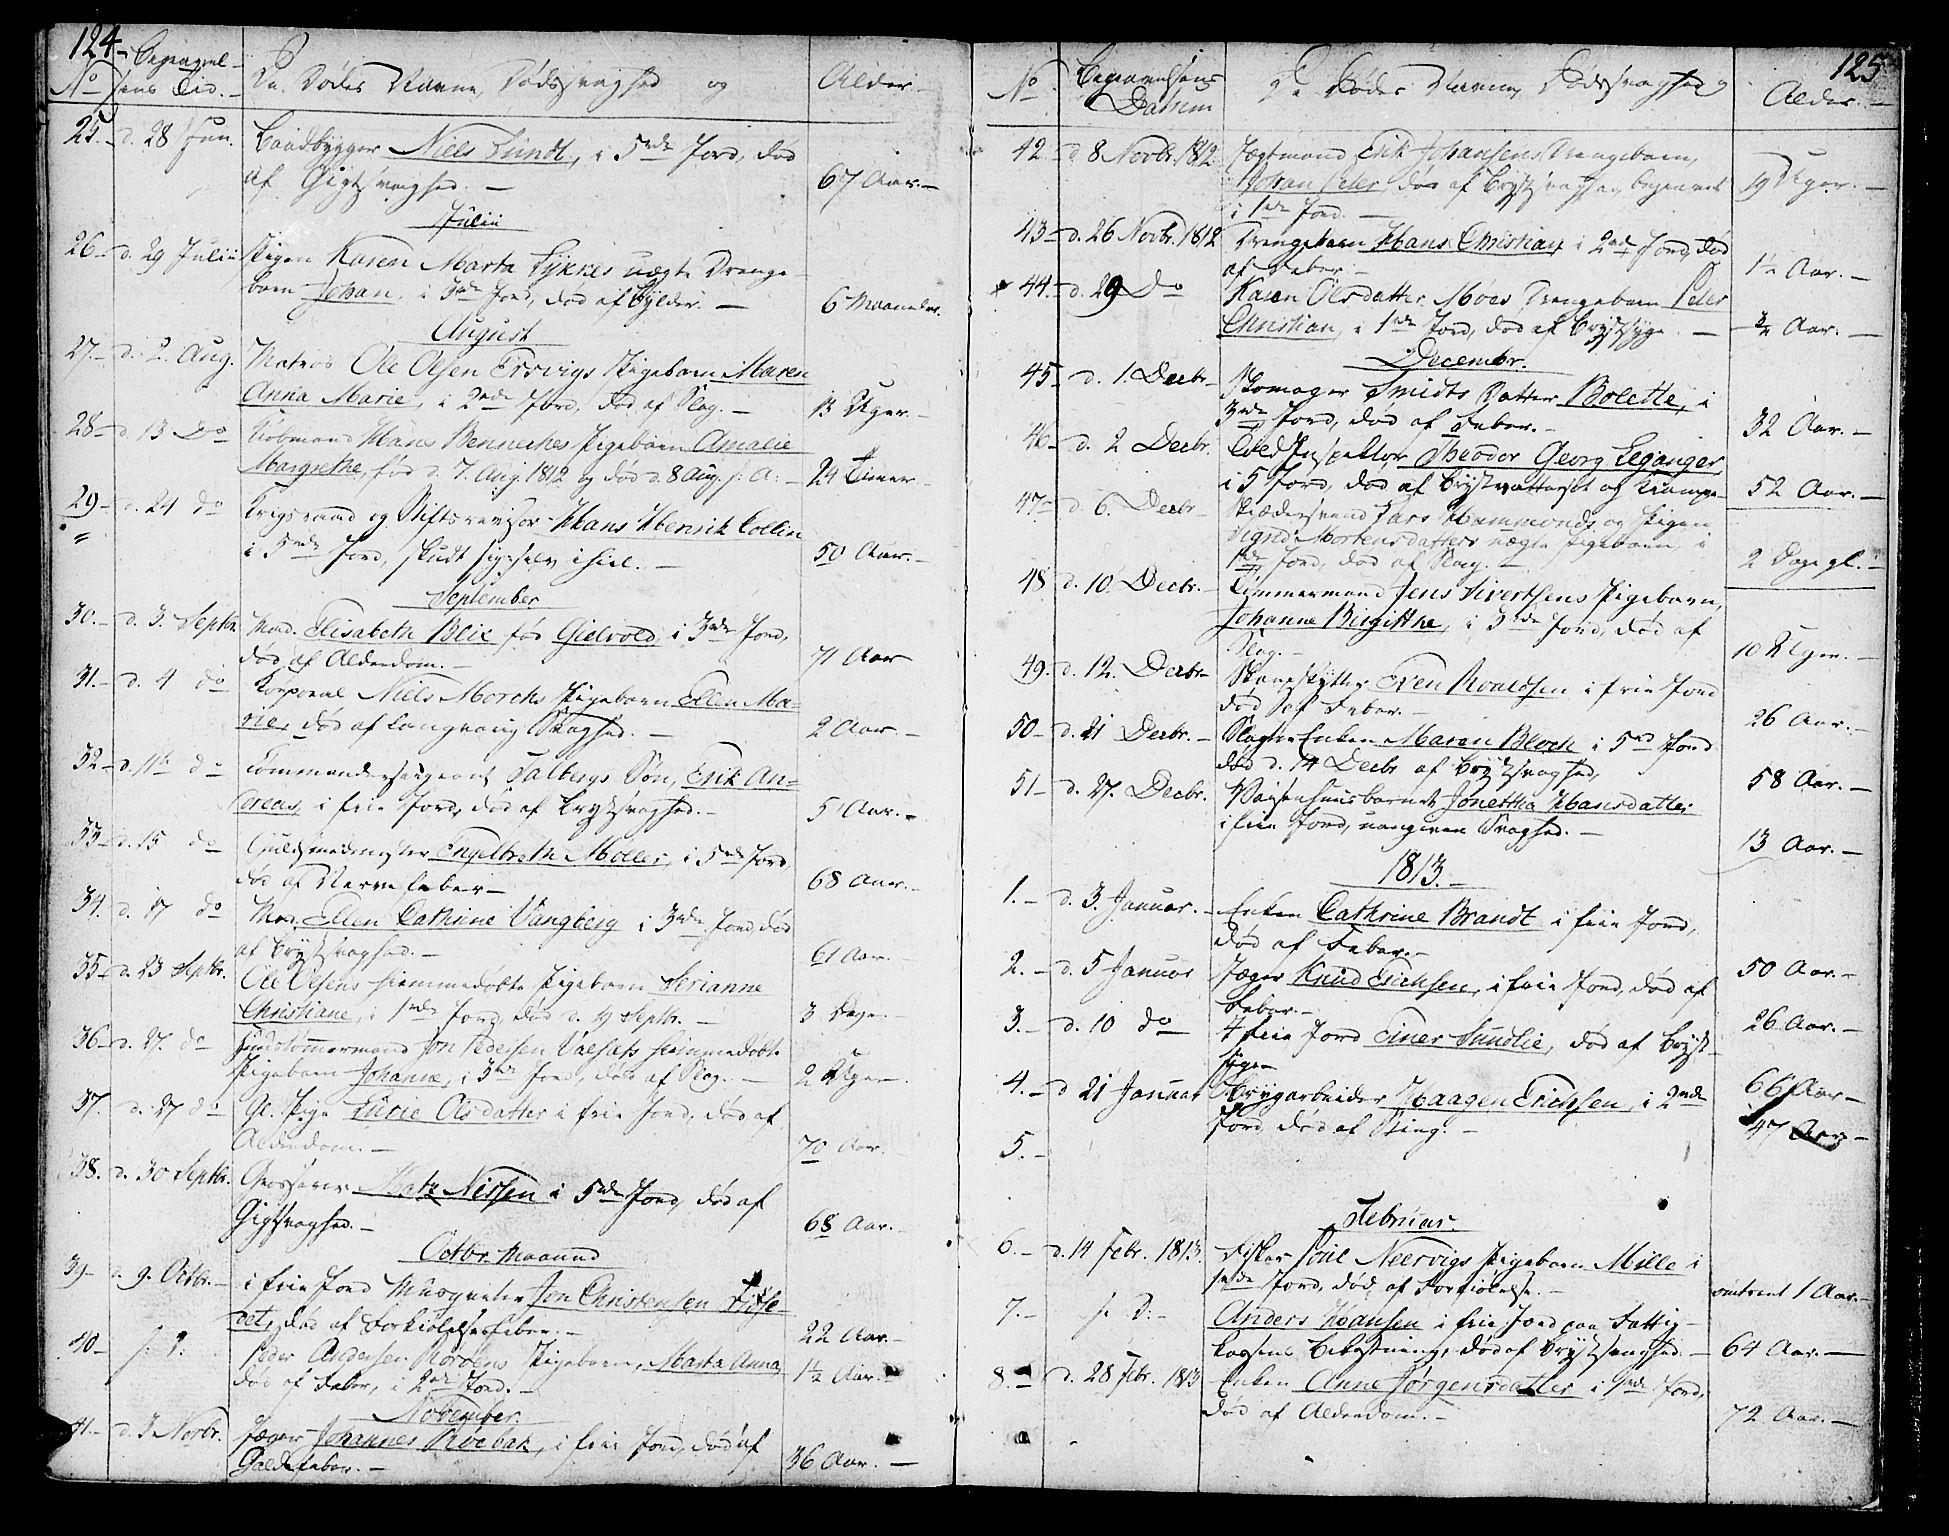 SAT, Ministerialprotokoller, klokkerbøker og fødselsregistre - Sør-Trøndelag, 602/L0106: Ministerialbok nr. 602A04, 1774-1814, s. 124-125